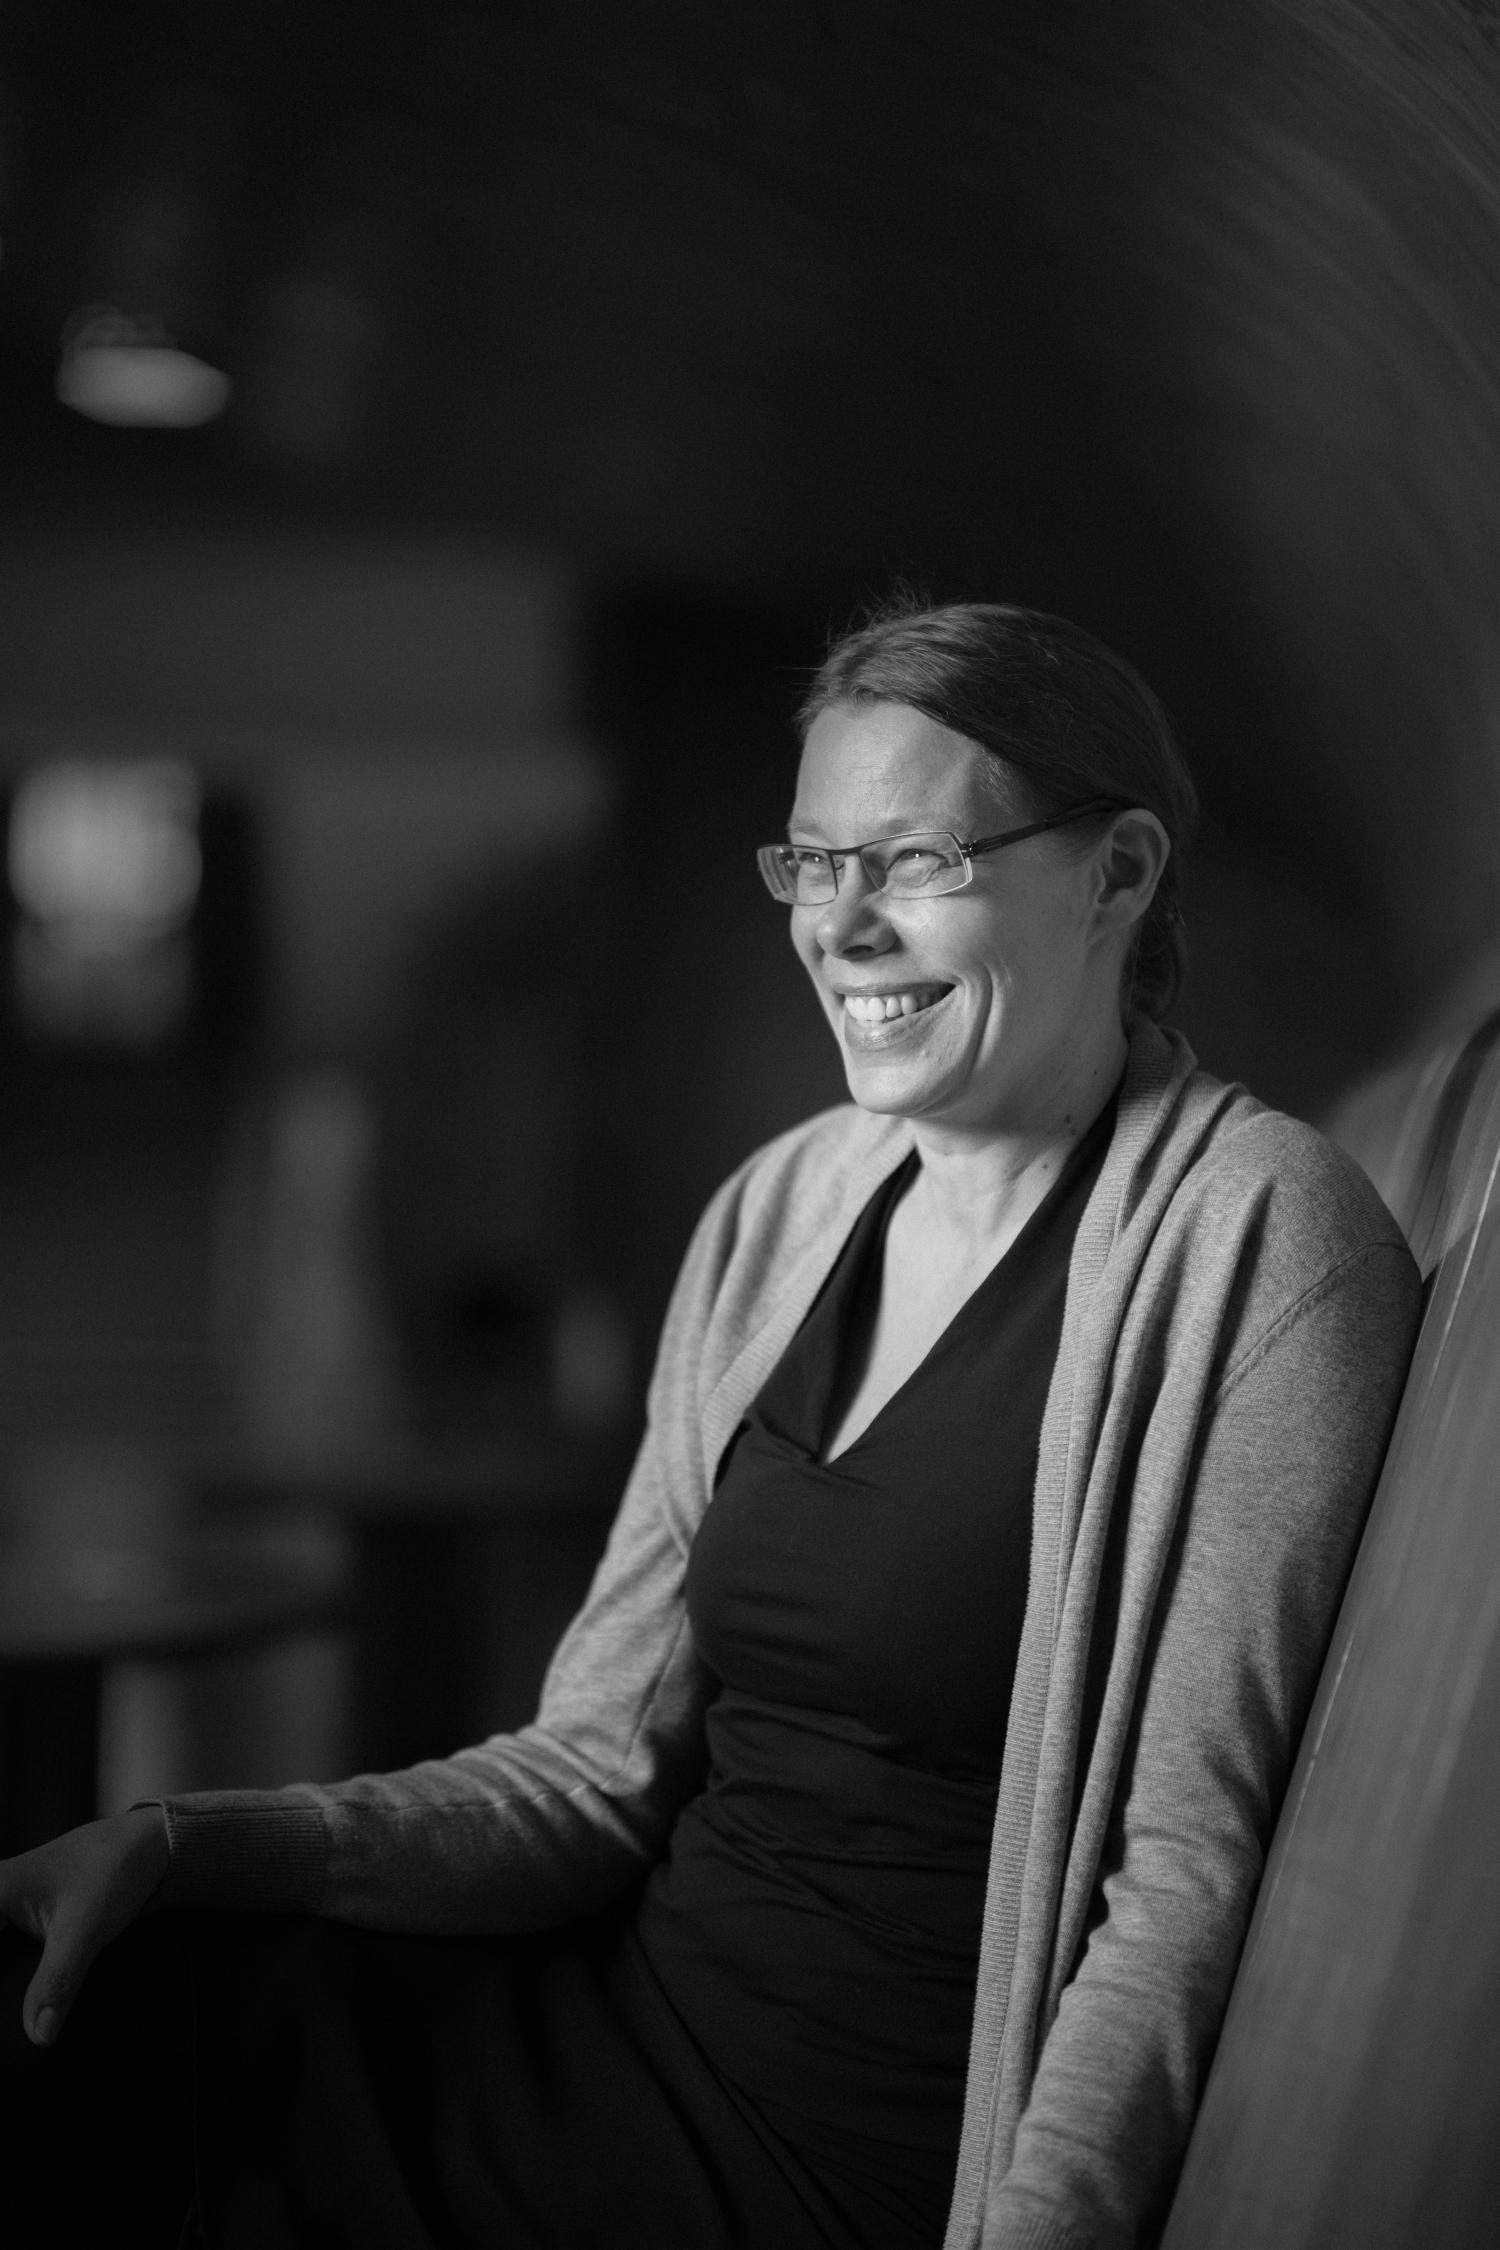 Jannika Rinnejärvi